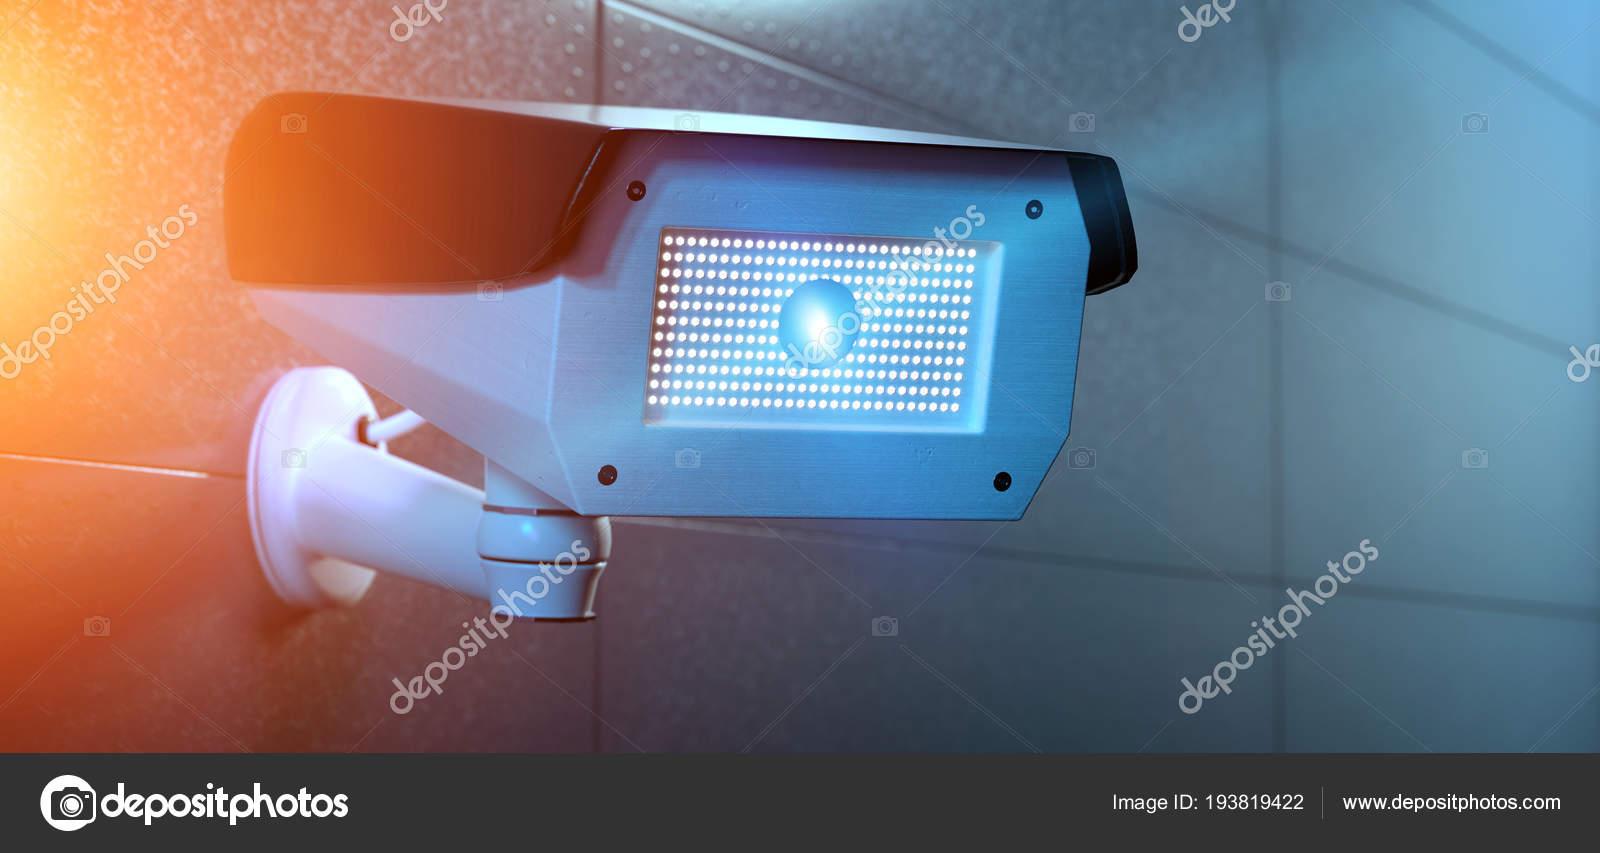 Vista Sistema Câmera Segurança Cctv Renderização — Fotografia de Stock 7e1a8718c5